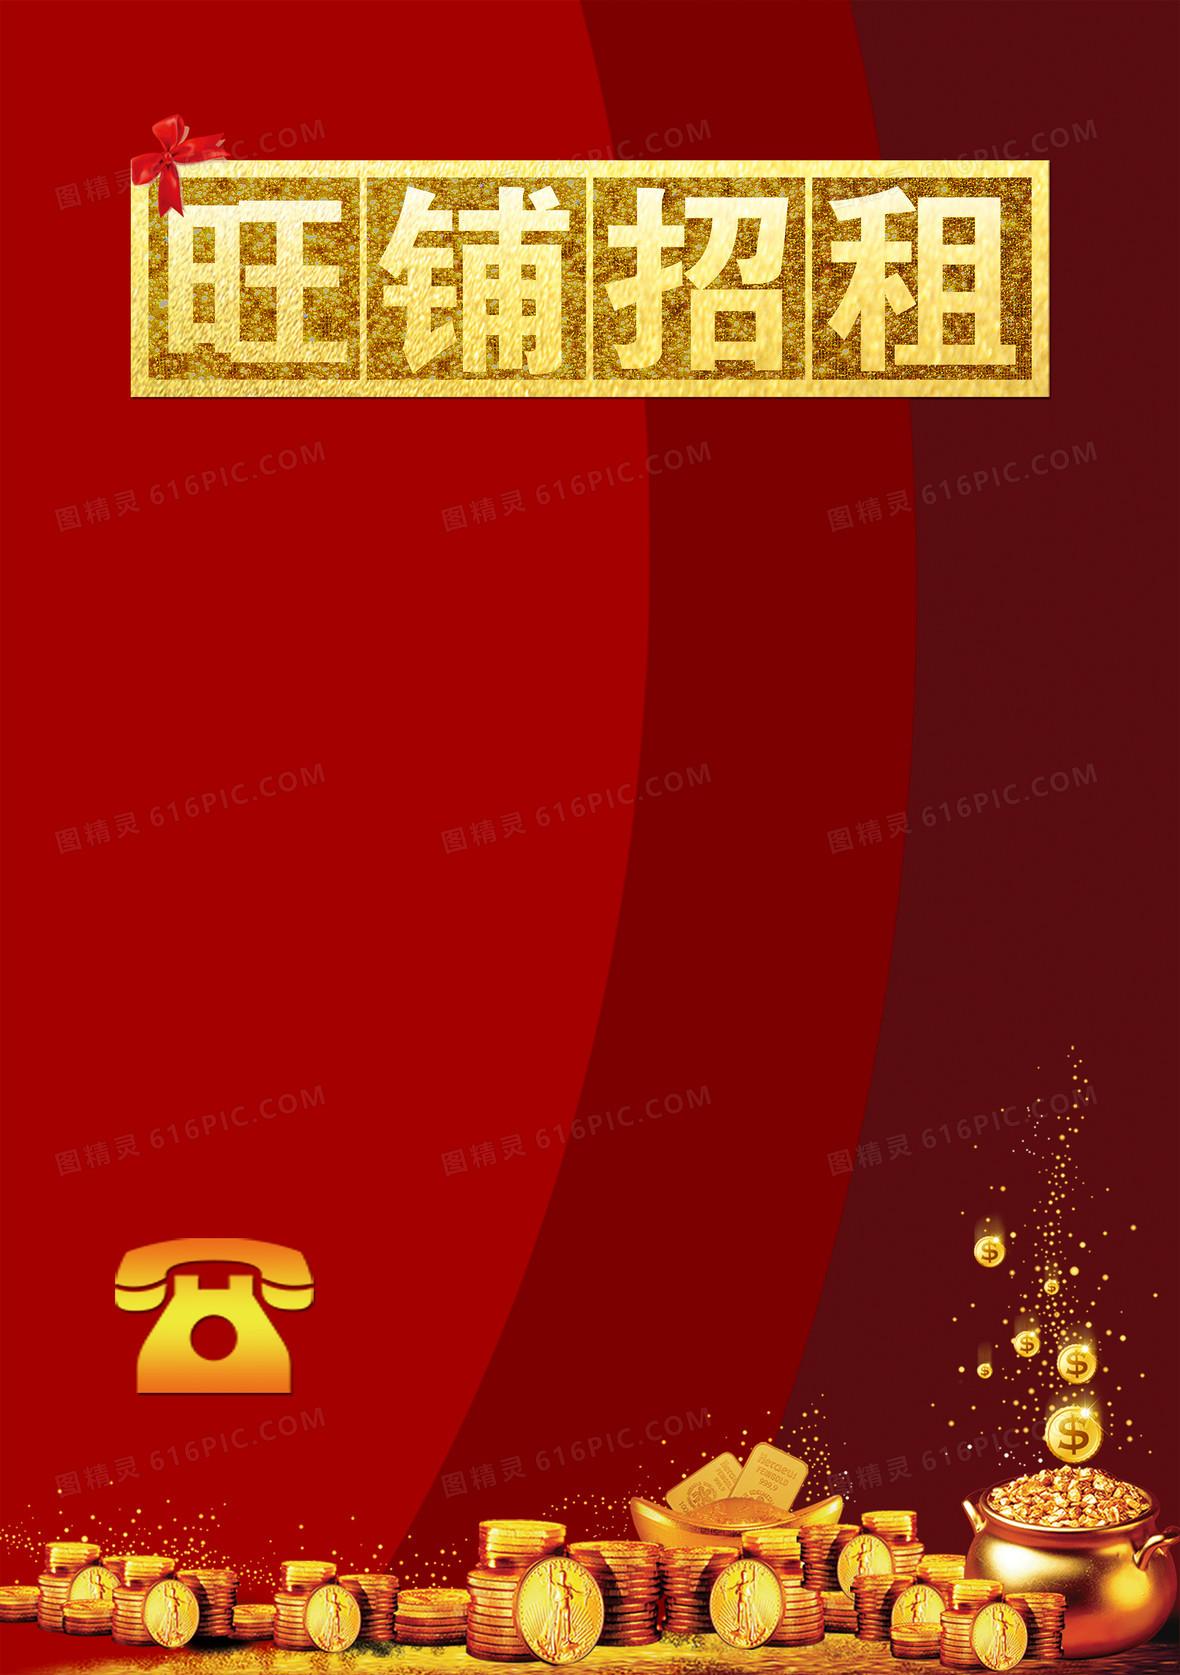 红色奢华旺铺招租广告背景素材